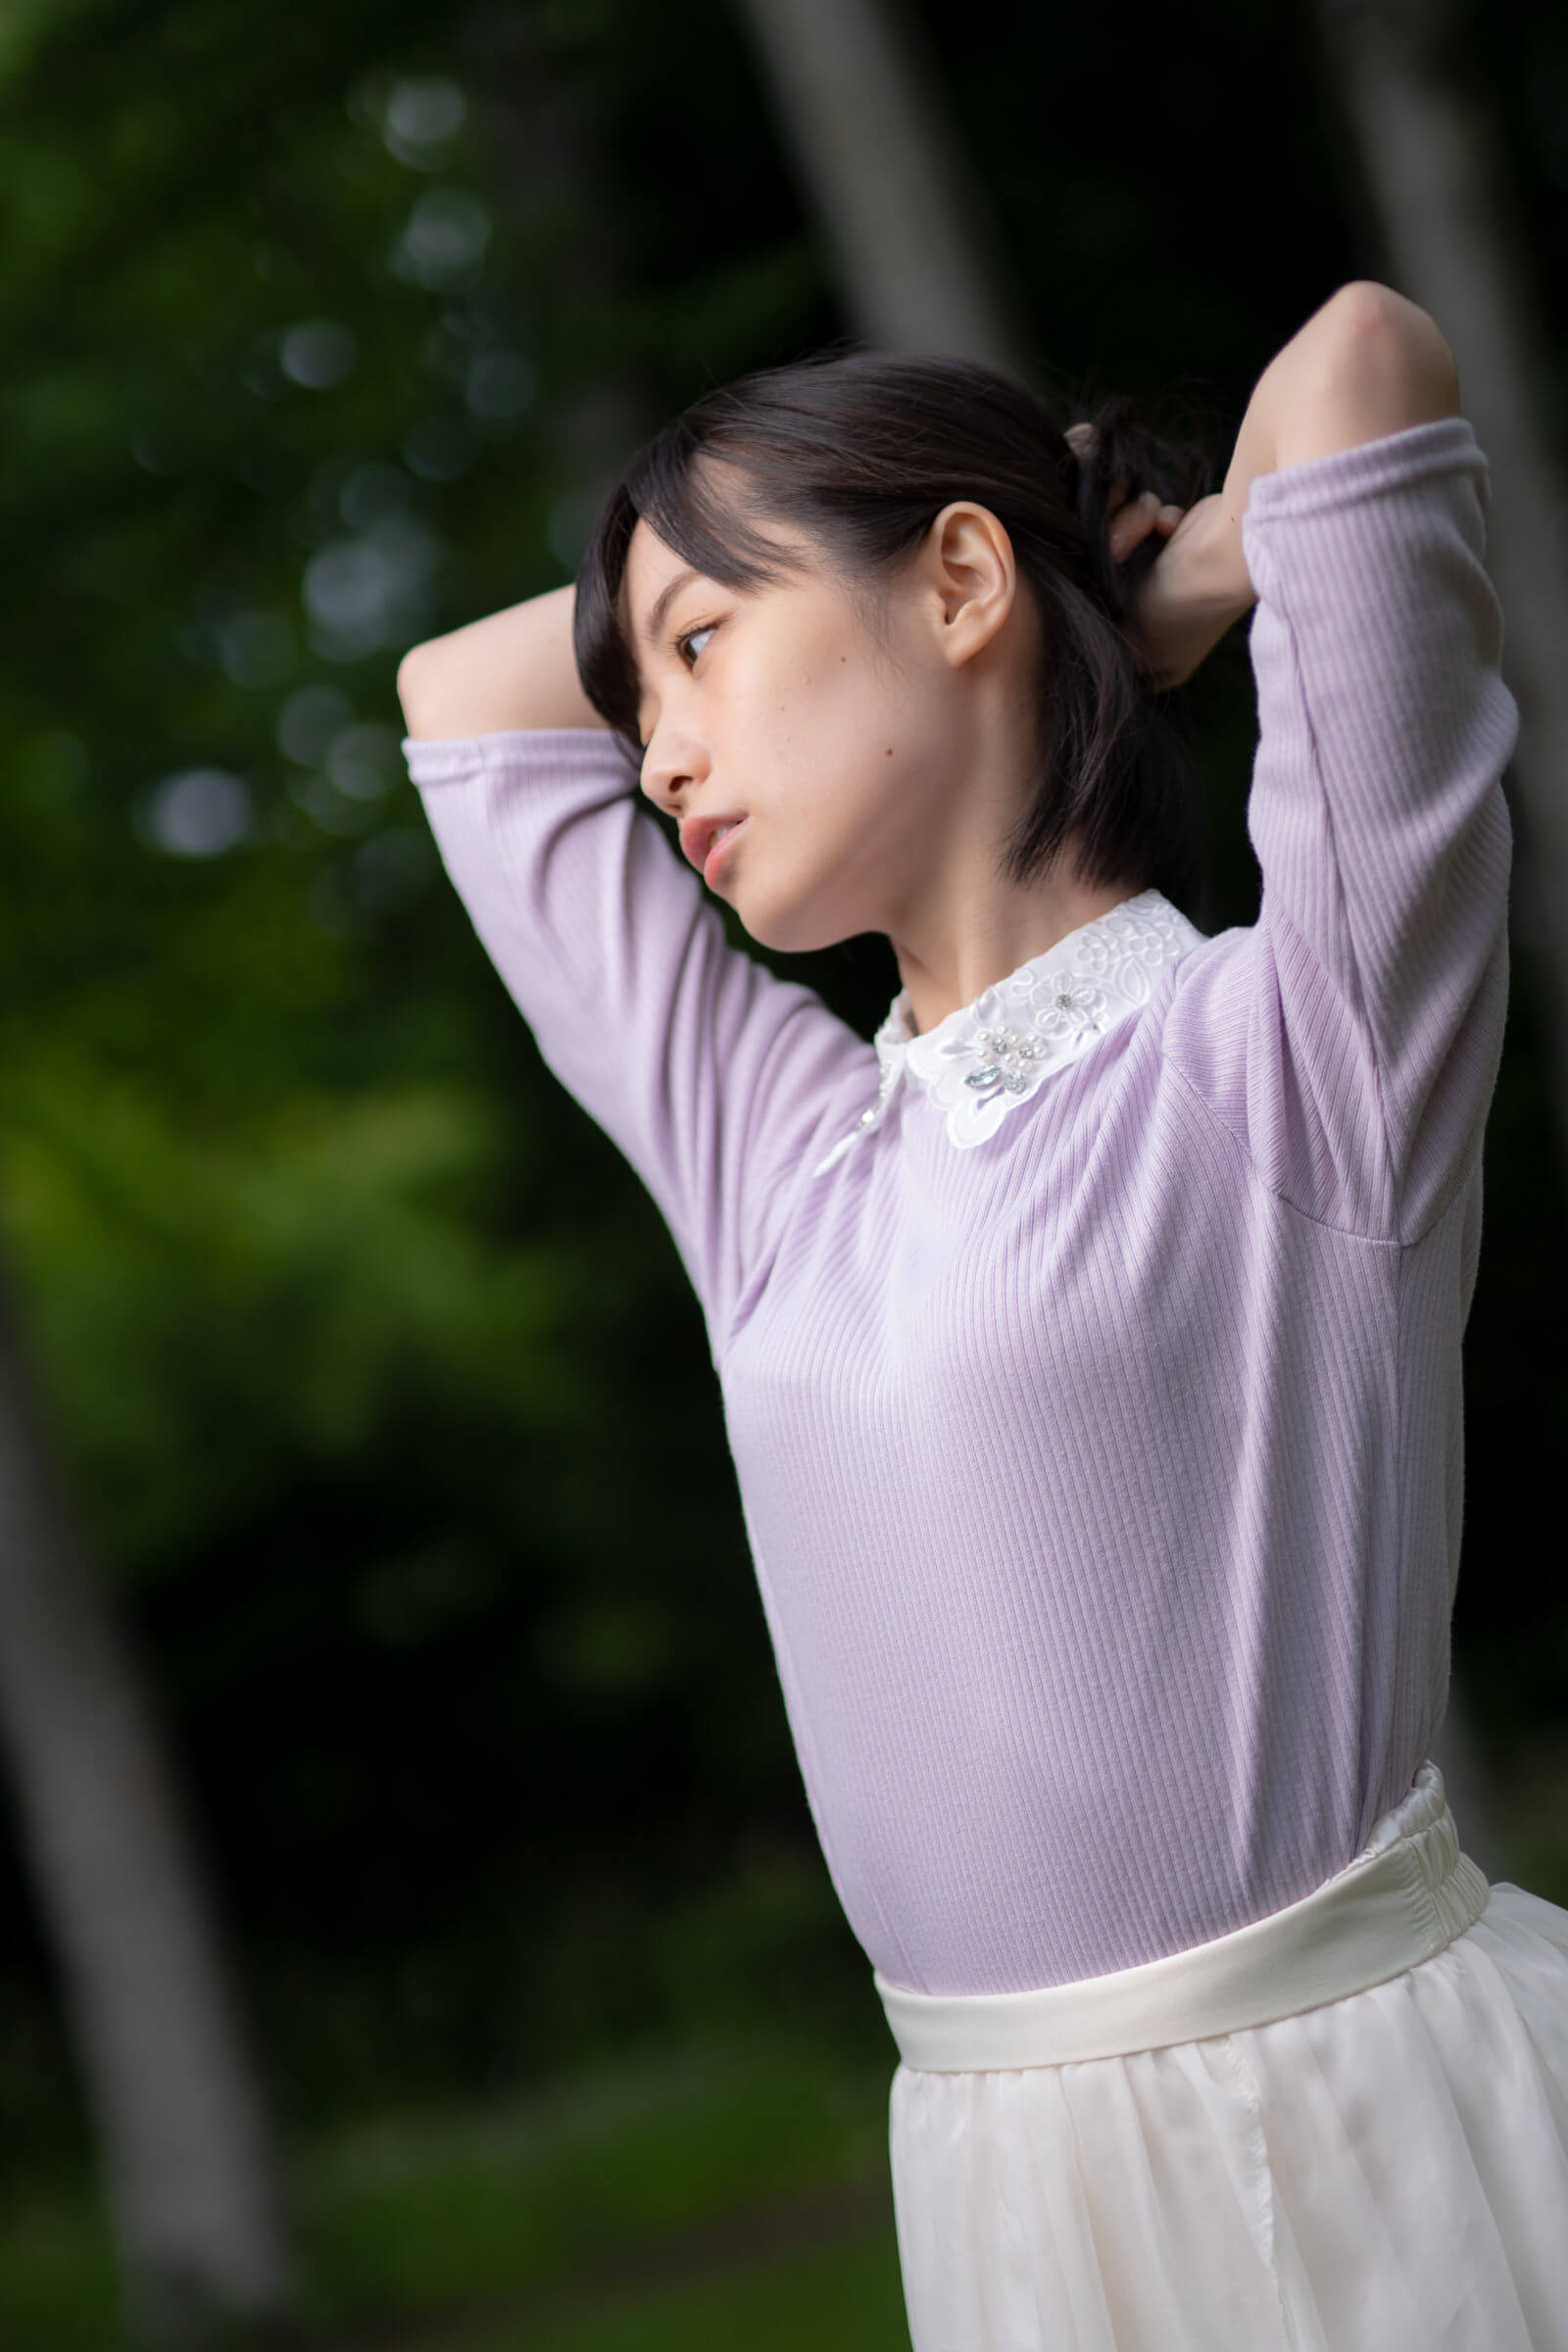 2代目HAPPY少女♪ みっちょ ( 本田みく ) | モデルプロ撮影会